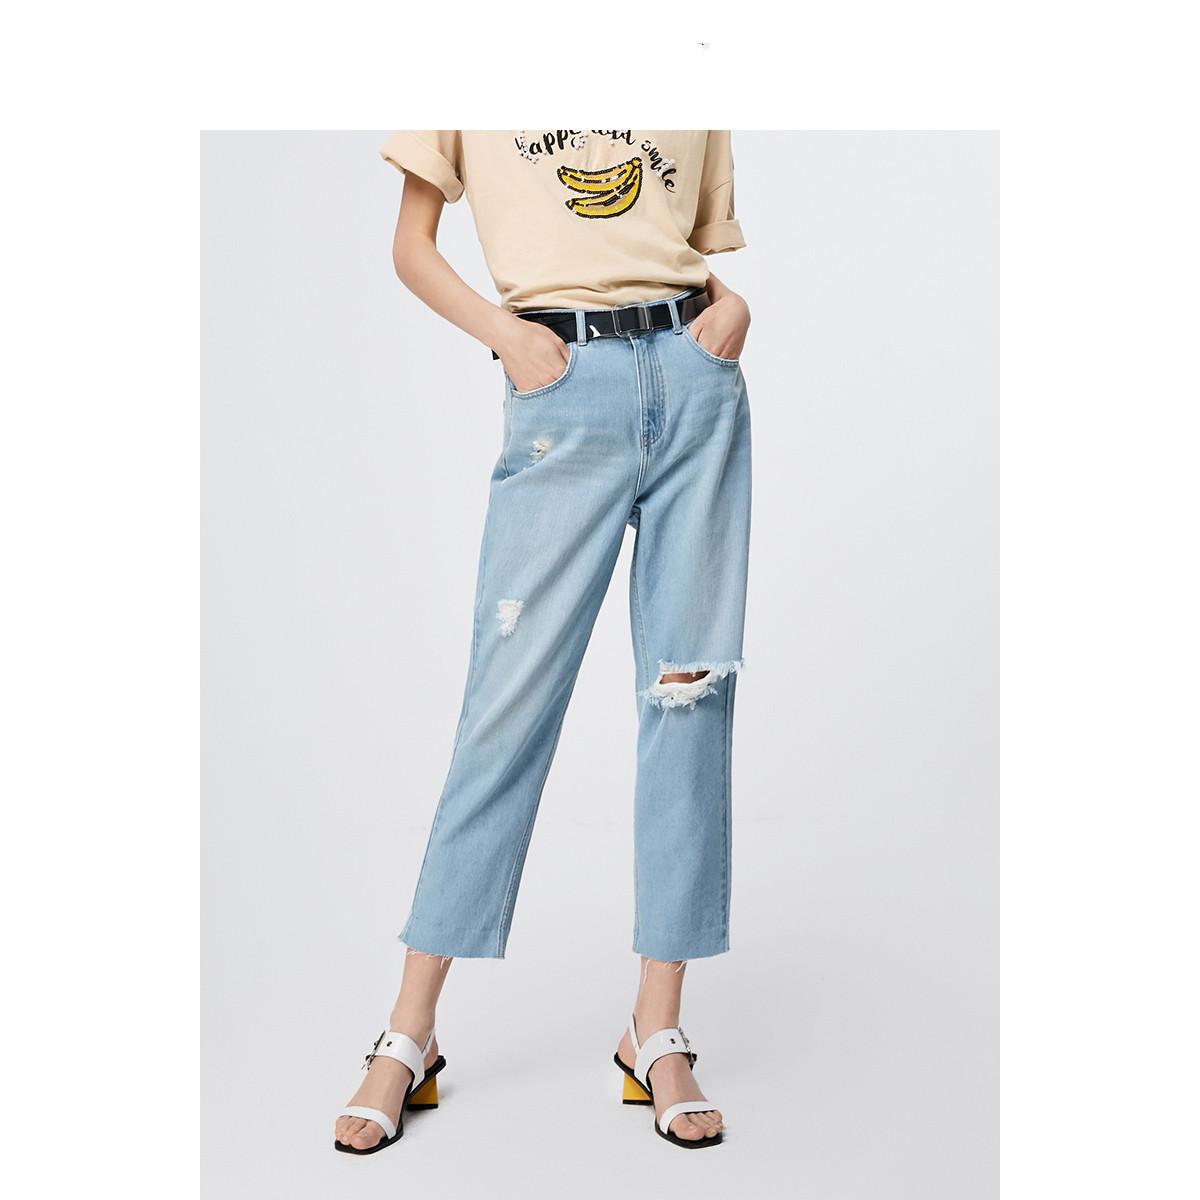 2019夏季新款高腰寬松卷邊毛邊九分牛仔褲女破洞時尚顯瘦